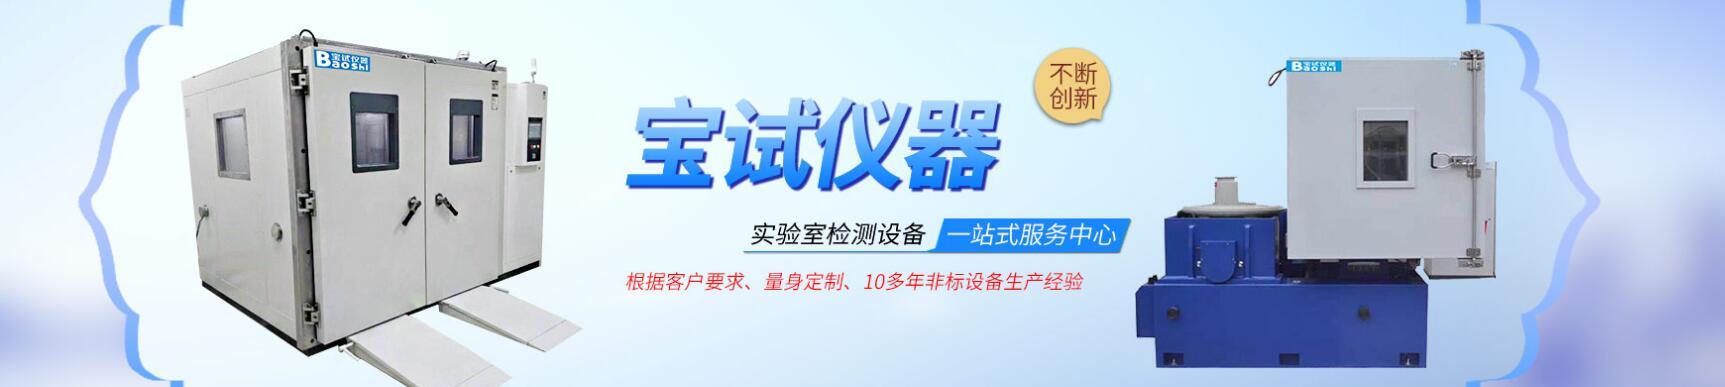 上海宝试检测设备有限公司